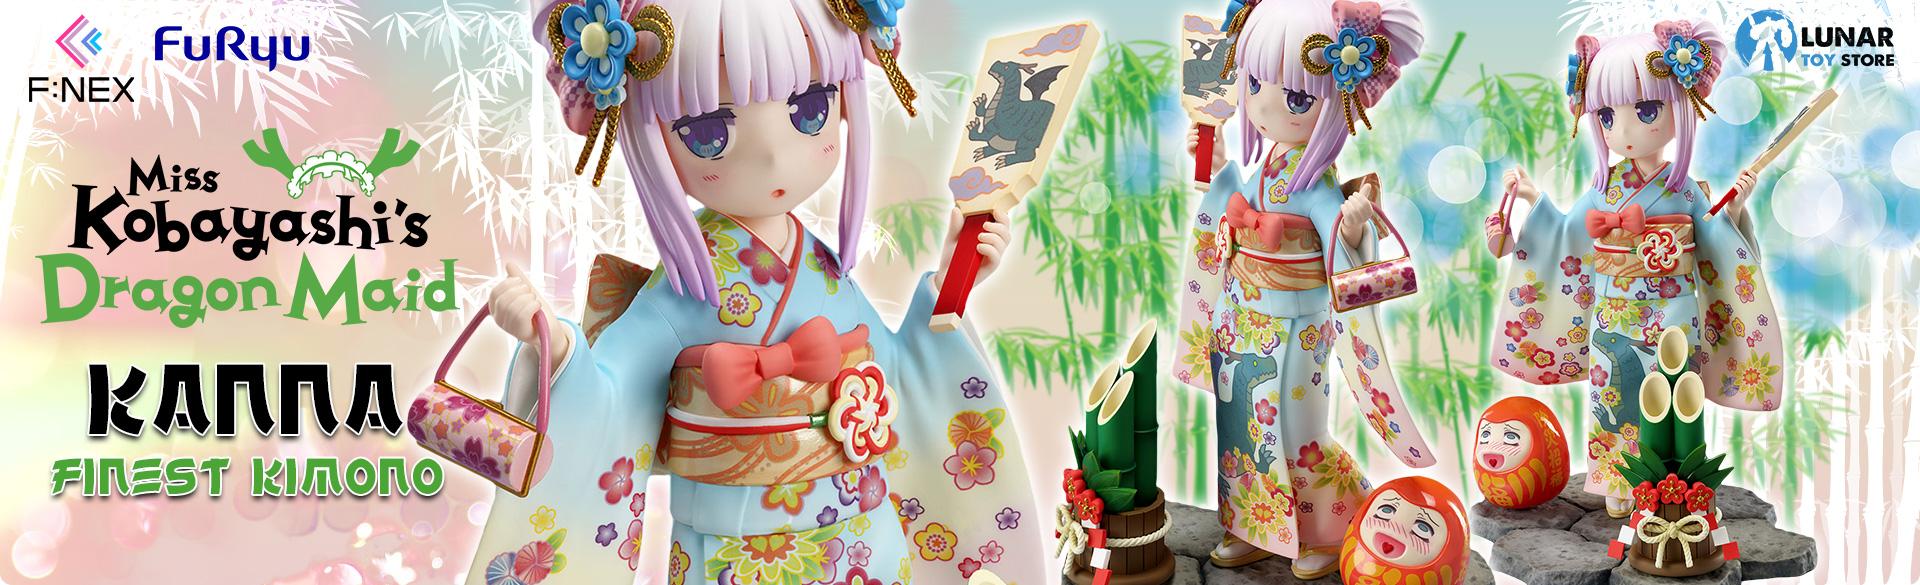 Kanna -Finest Kimono